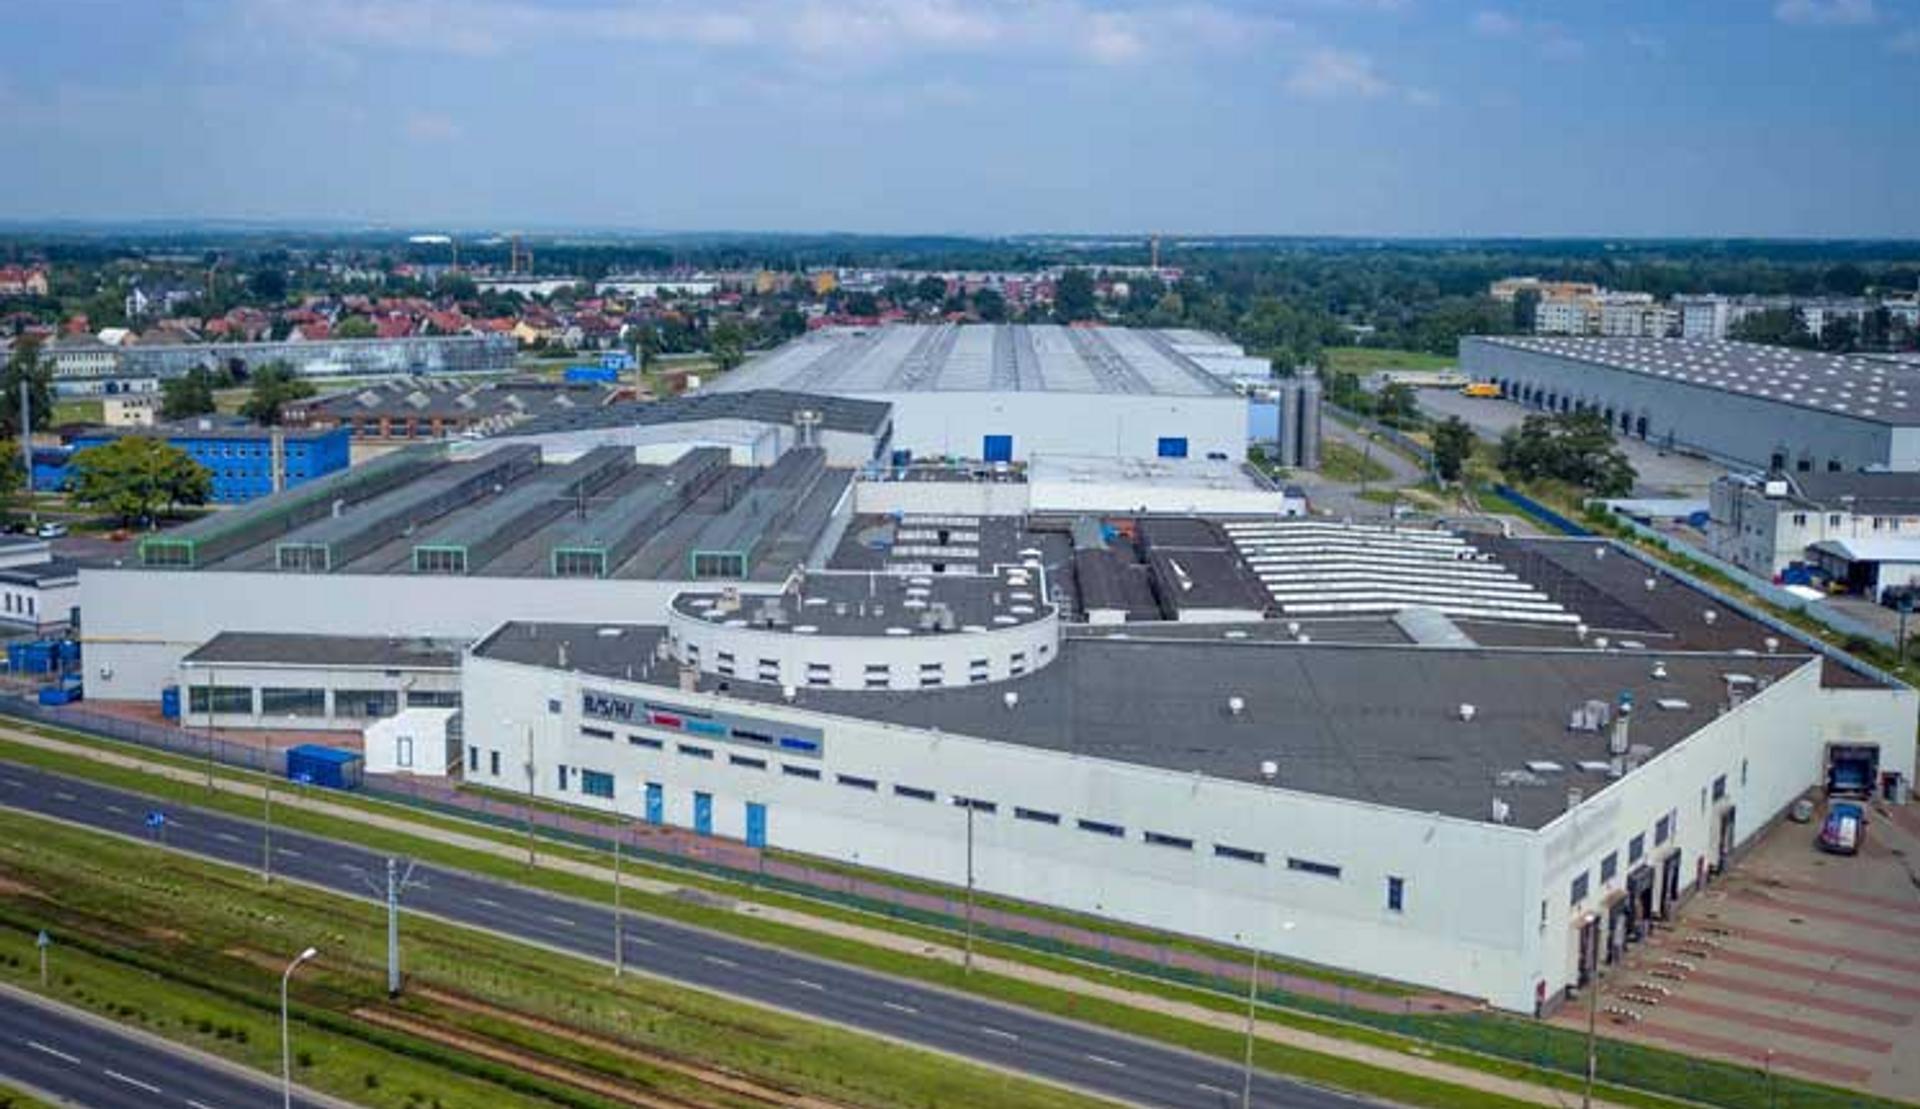 [Wrocław] Niemiecki koncern BSH zainwestował we Wrocławiu pół miliarda złotych. Będzie 1300 nowych miejsc pracy